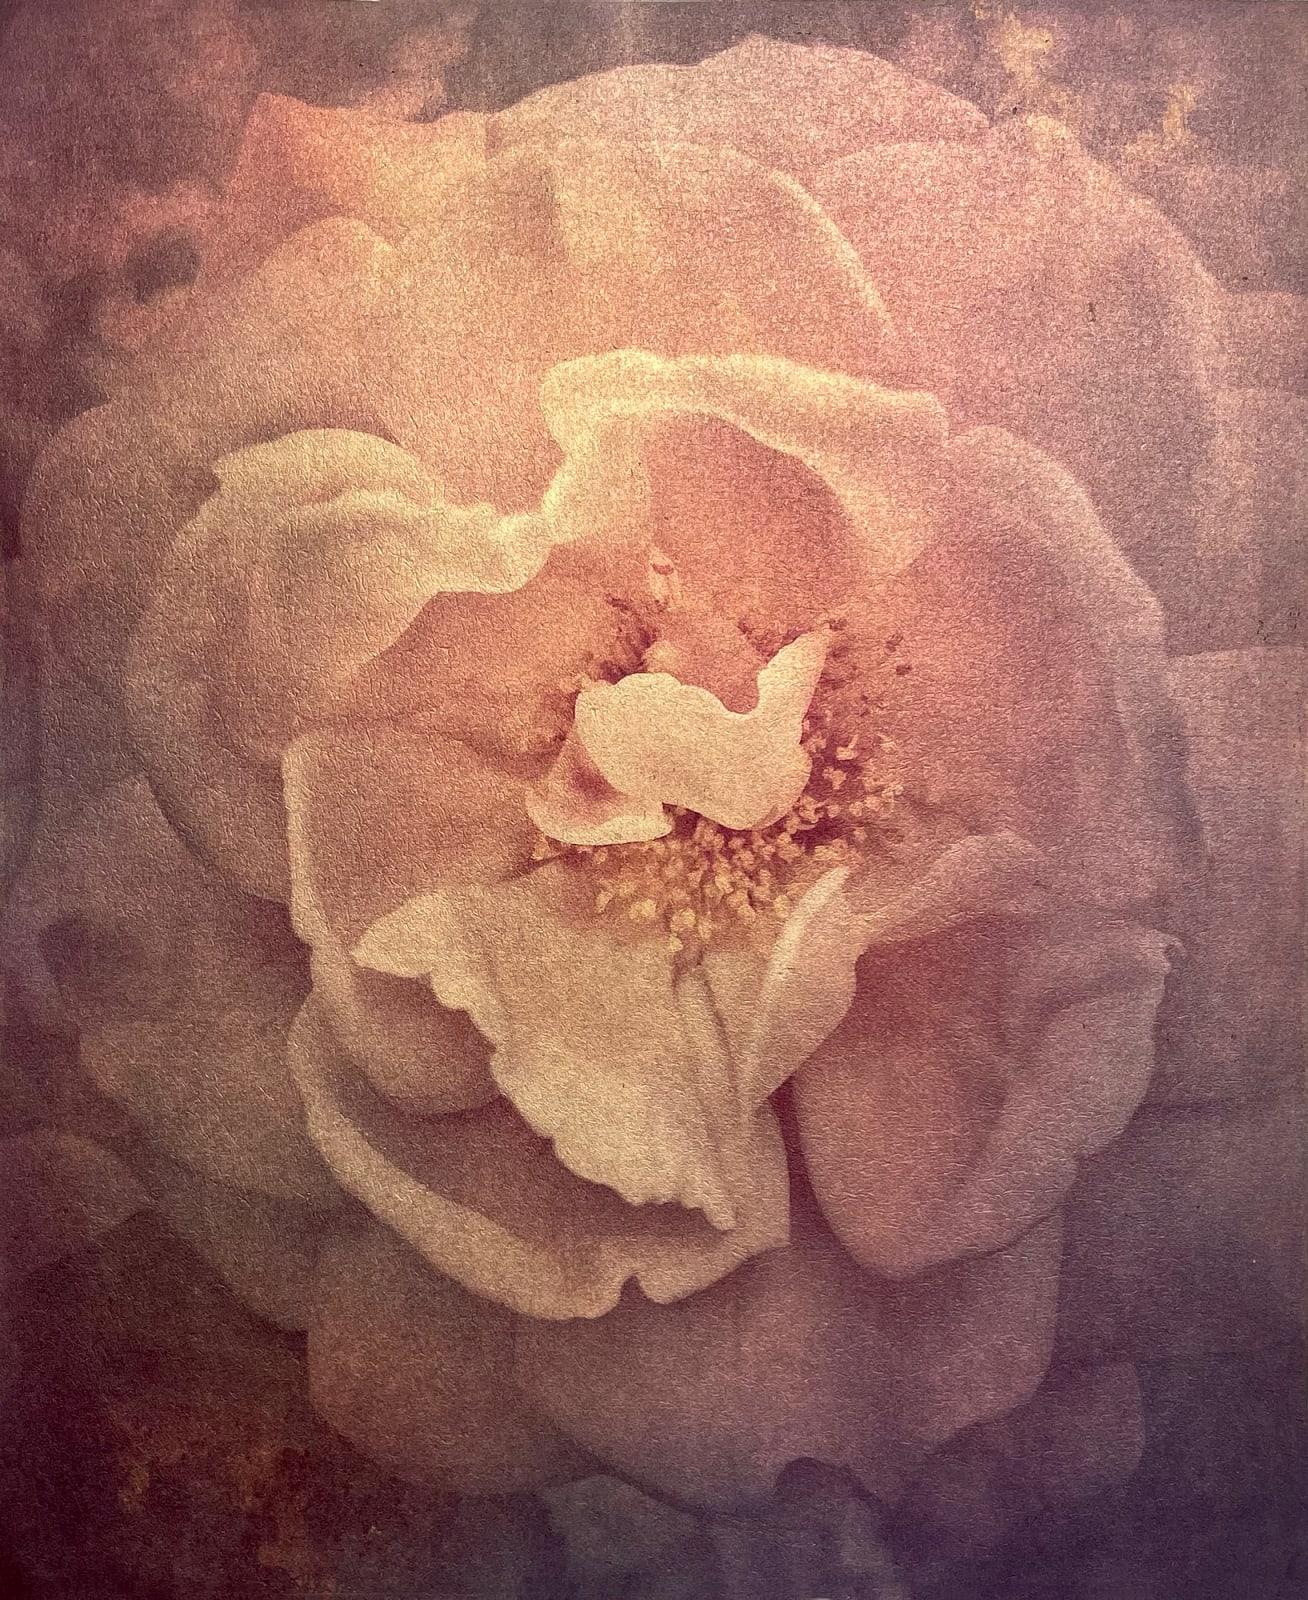 Wendi Schneider, Tudor Rose, 2017